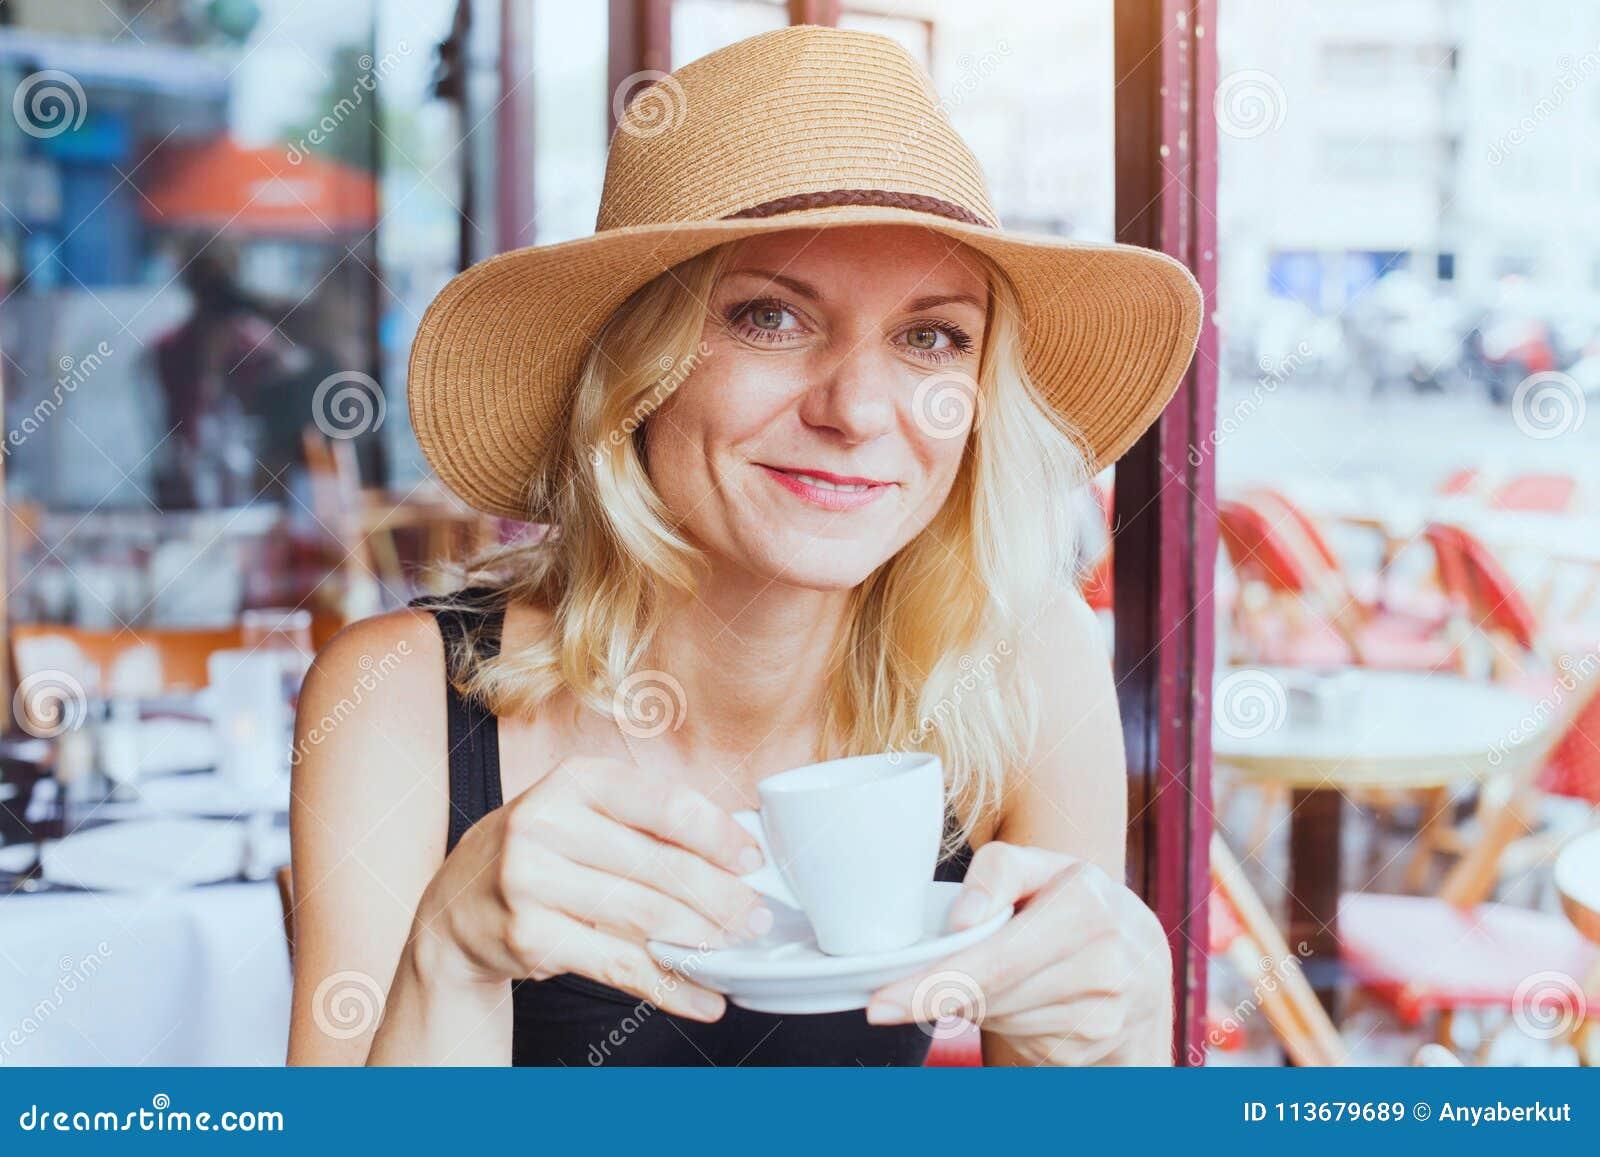 O retrato do meio bonito da forma envelheceu a mulher no café com xícara de café, sorriso feliz